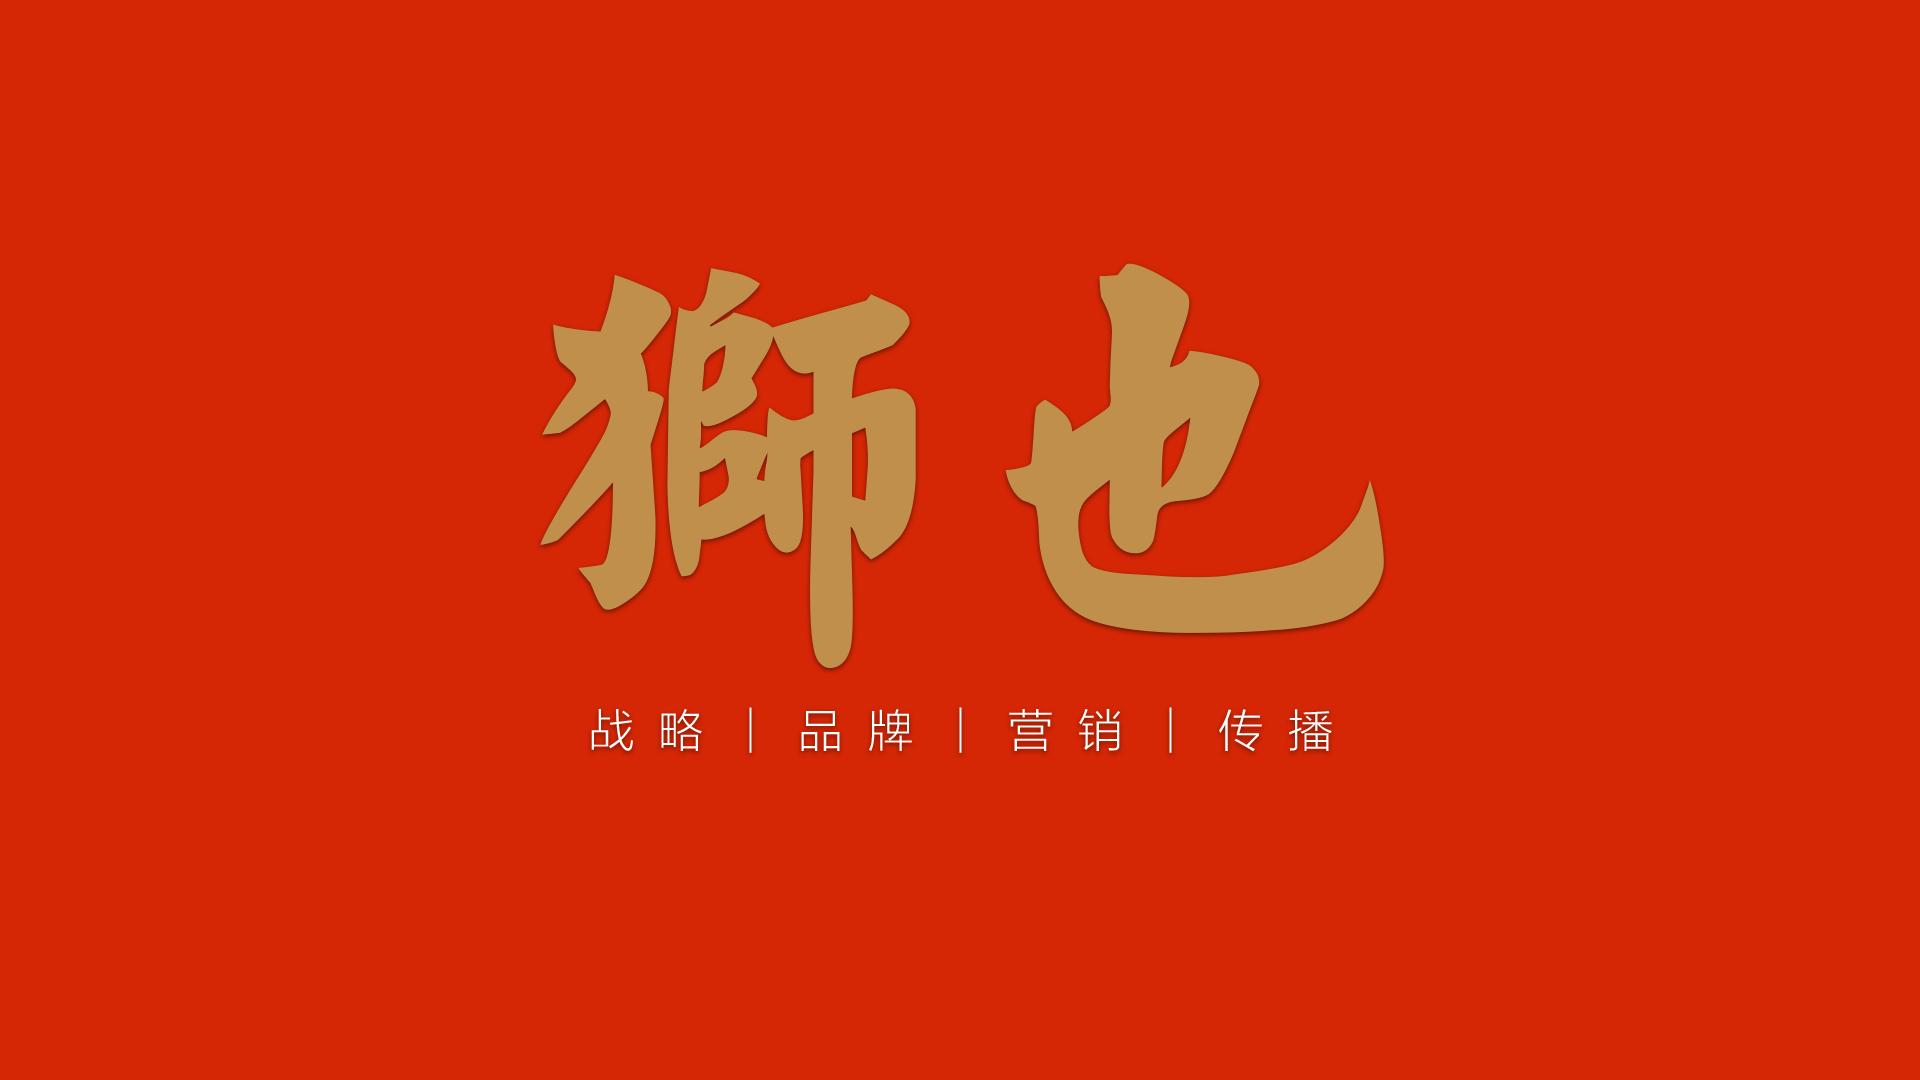 上海营销策划公司—企业战略管理的含义与特点